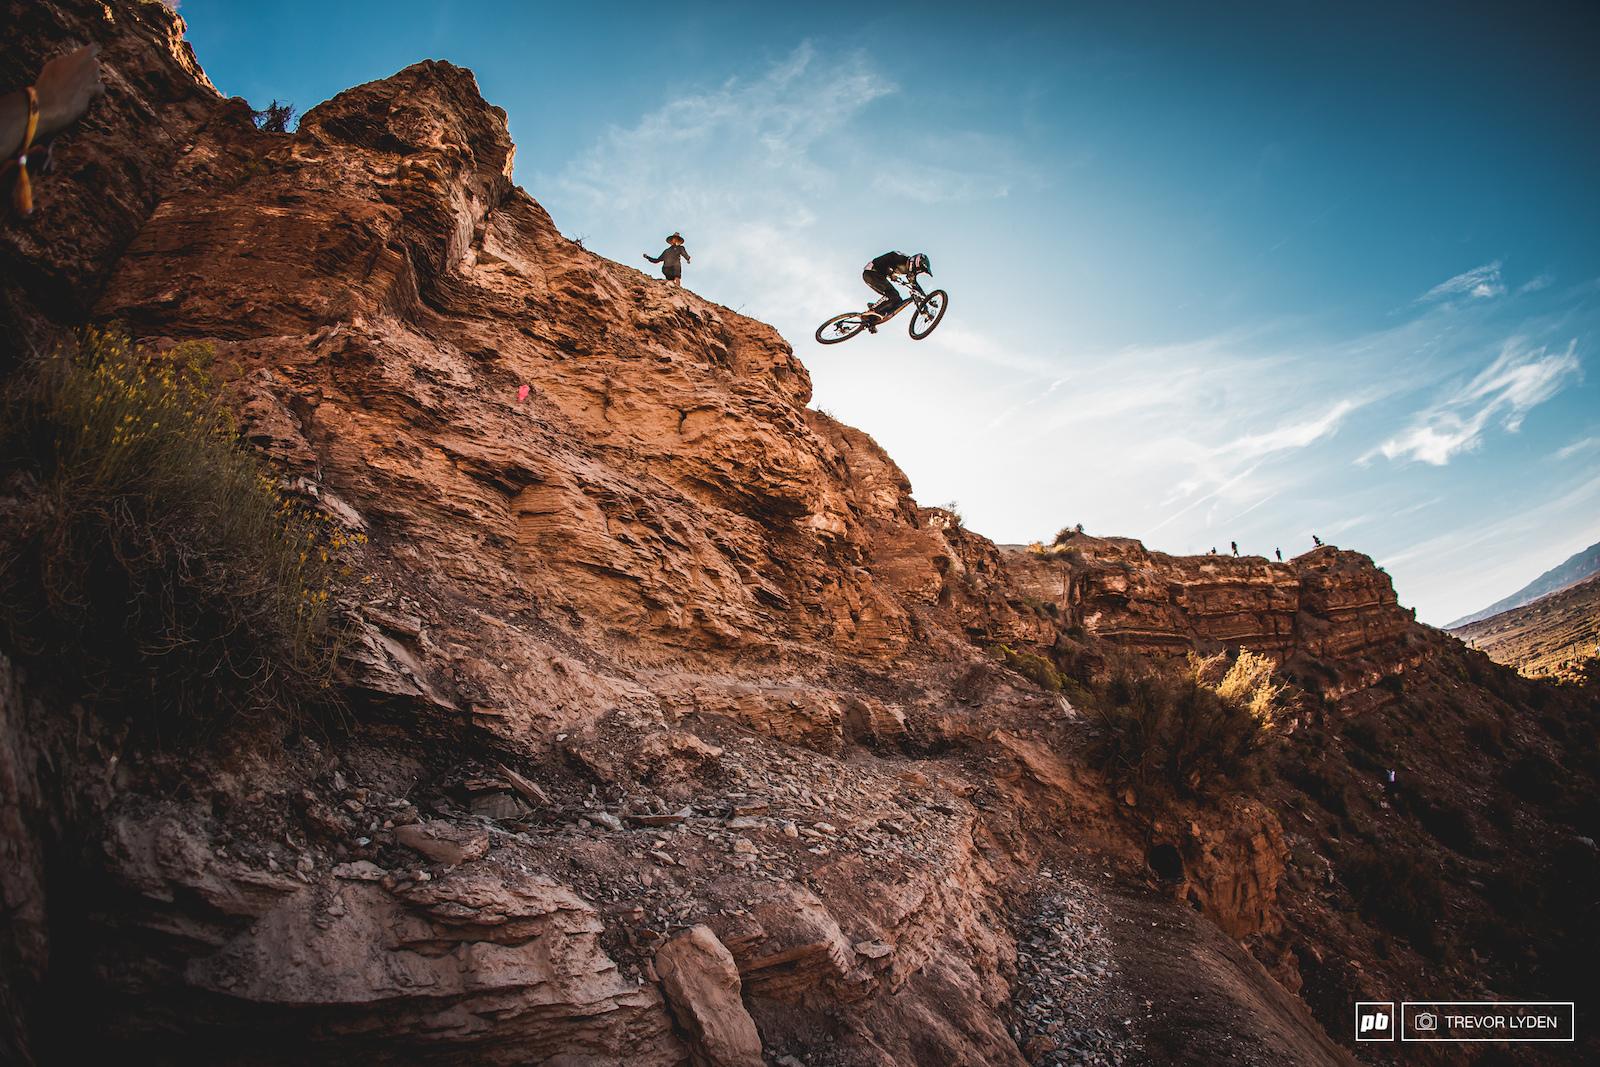 Reece Wallace taking flight on his massive lower drop.